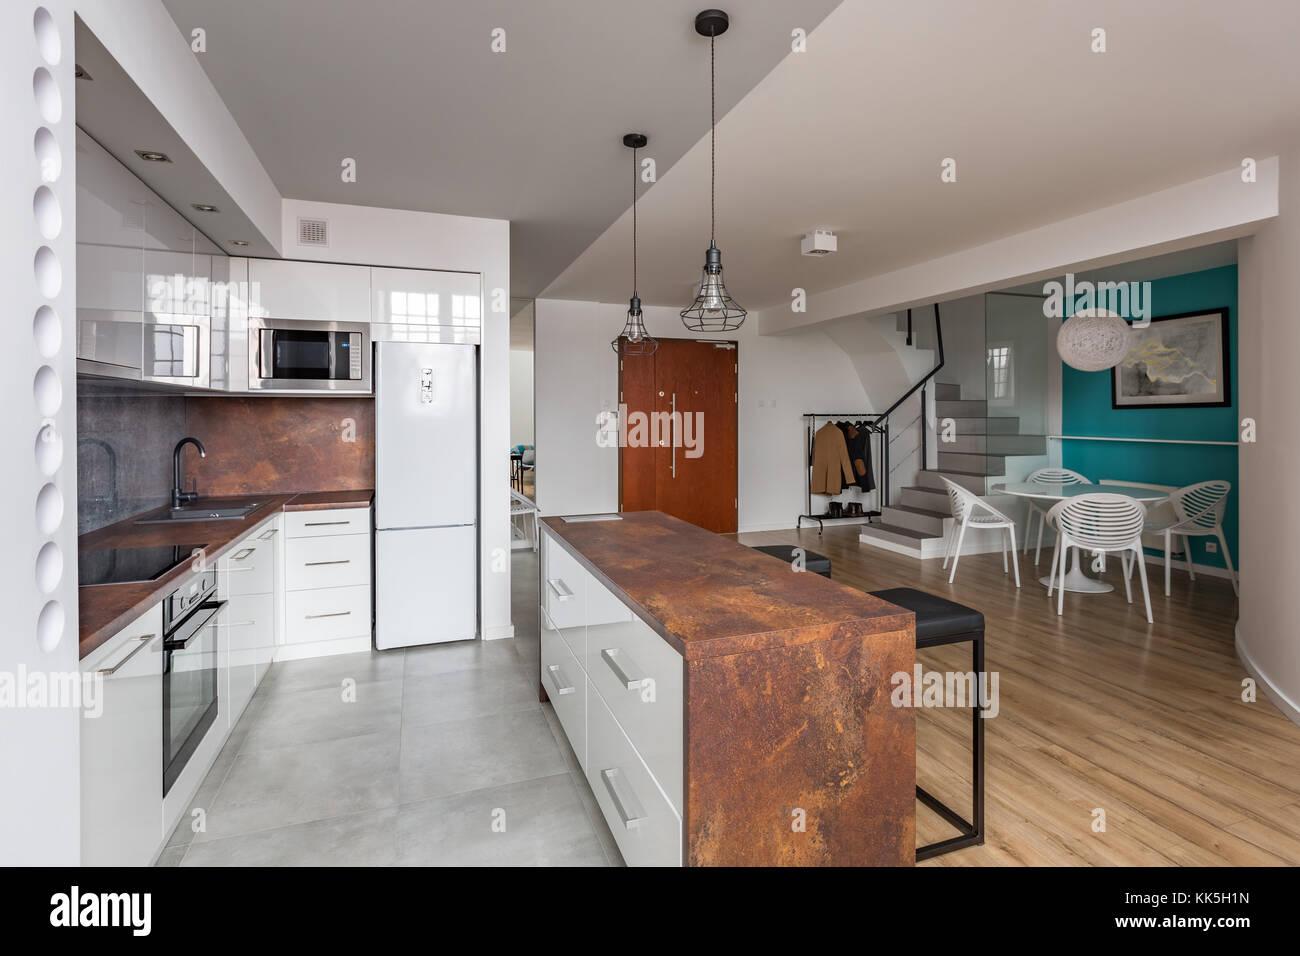 Cucina moderna con cucina aperta con isola, tavolo da pranzo e delle ...